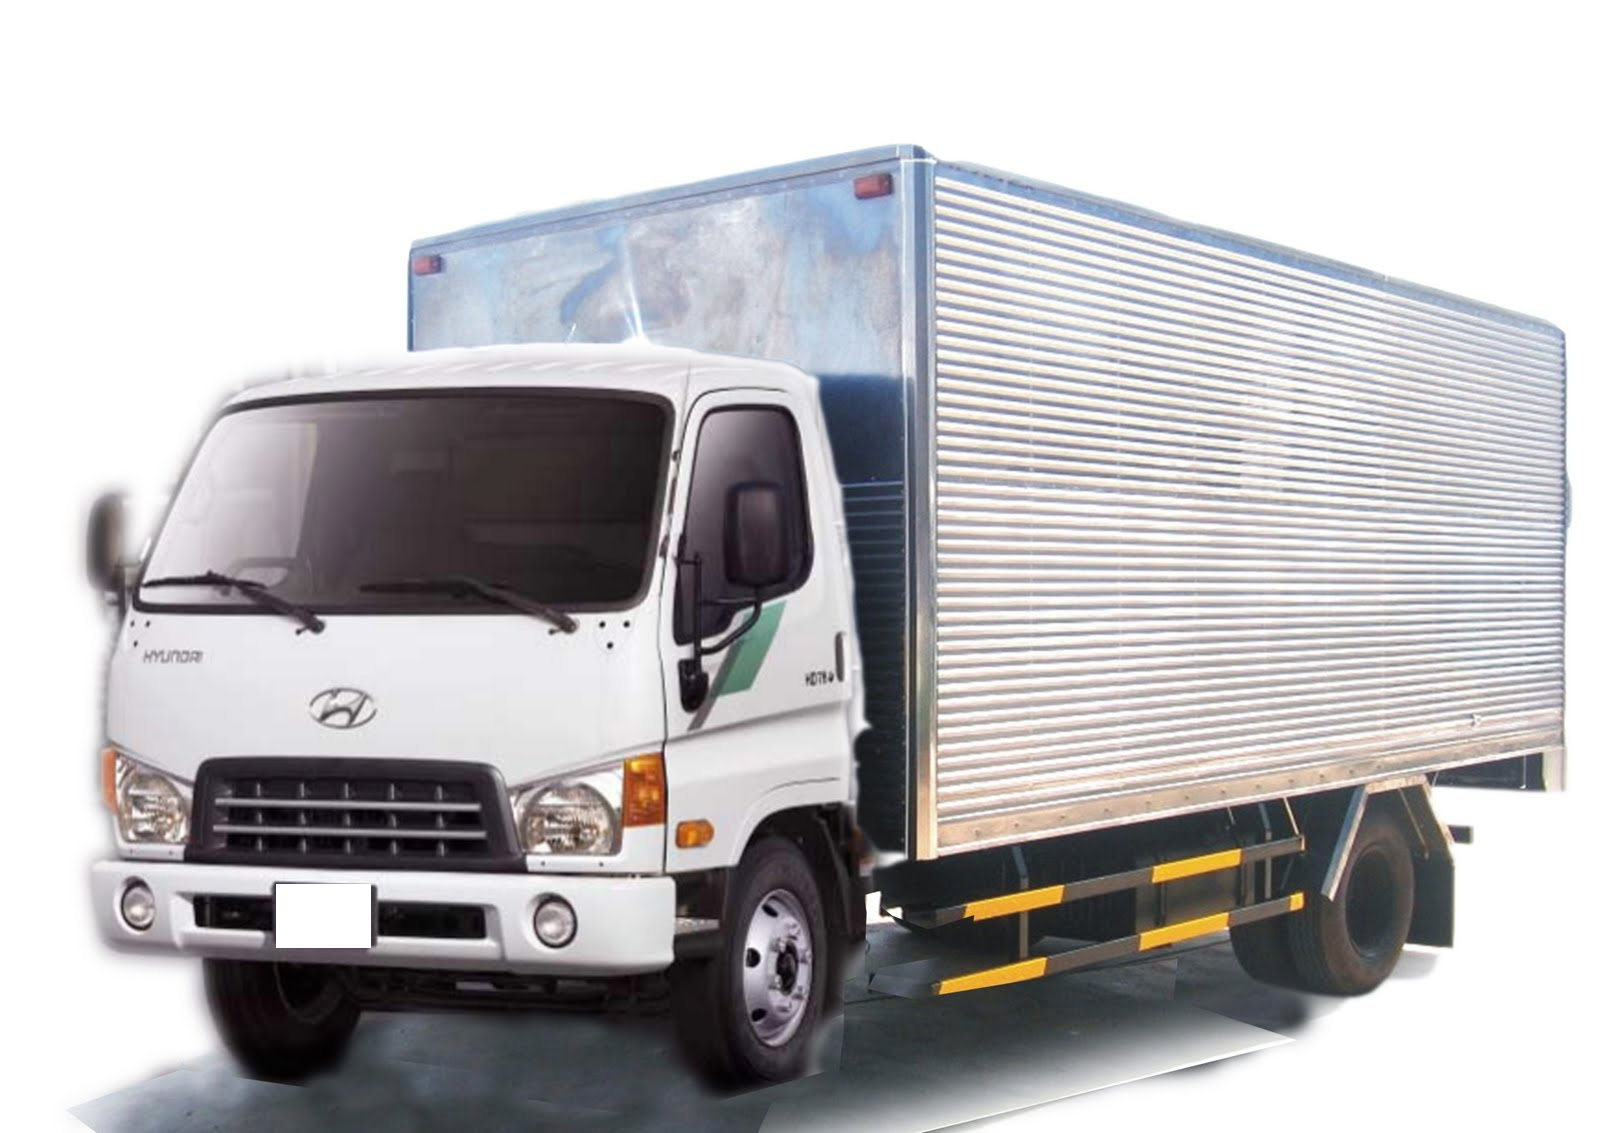 cho thuê xe tải huyện Cần Giờ tp Hồ Chí Minh